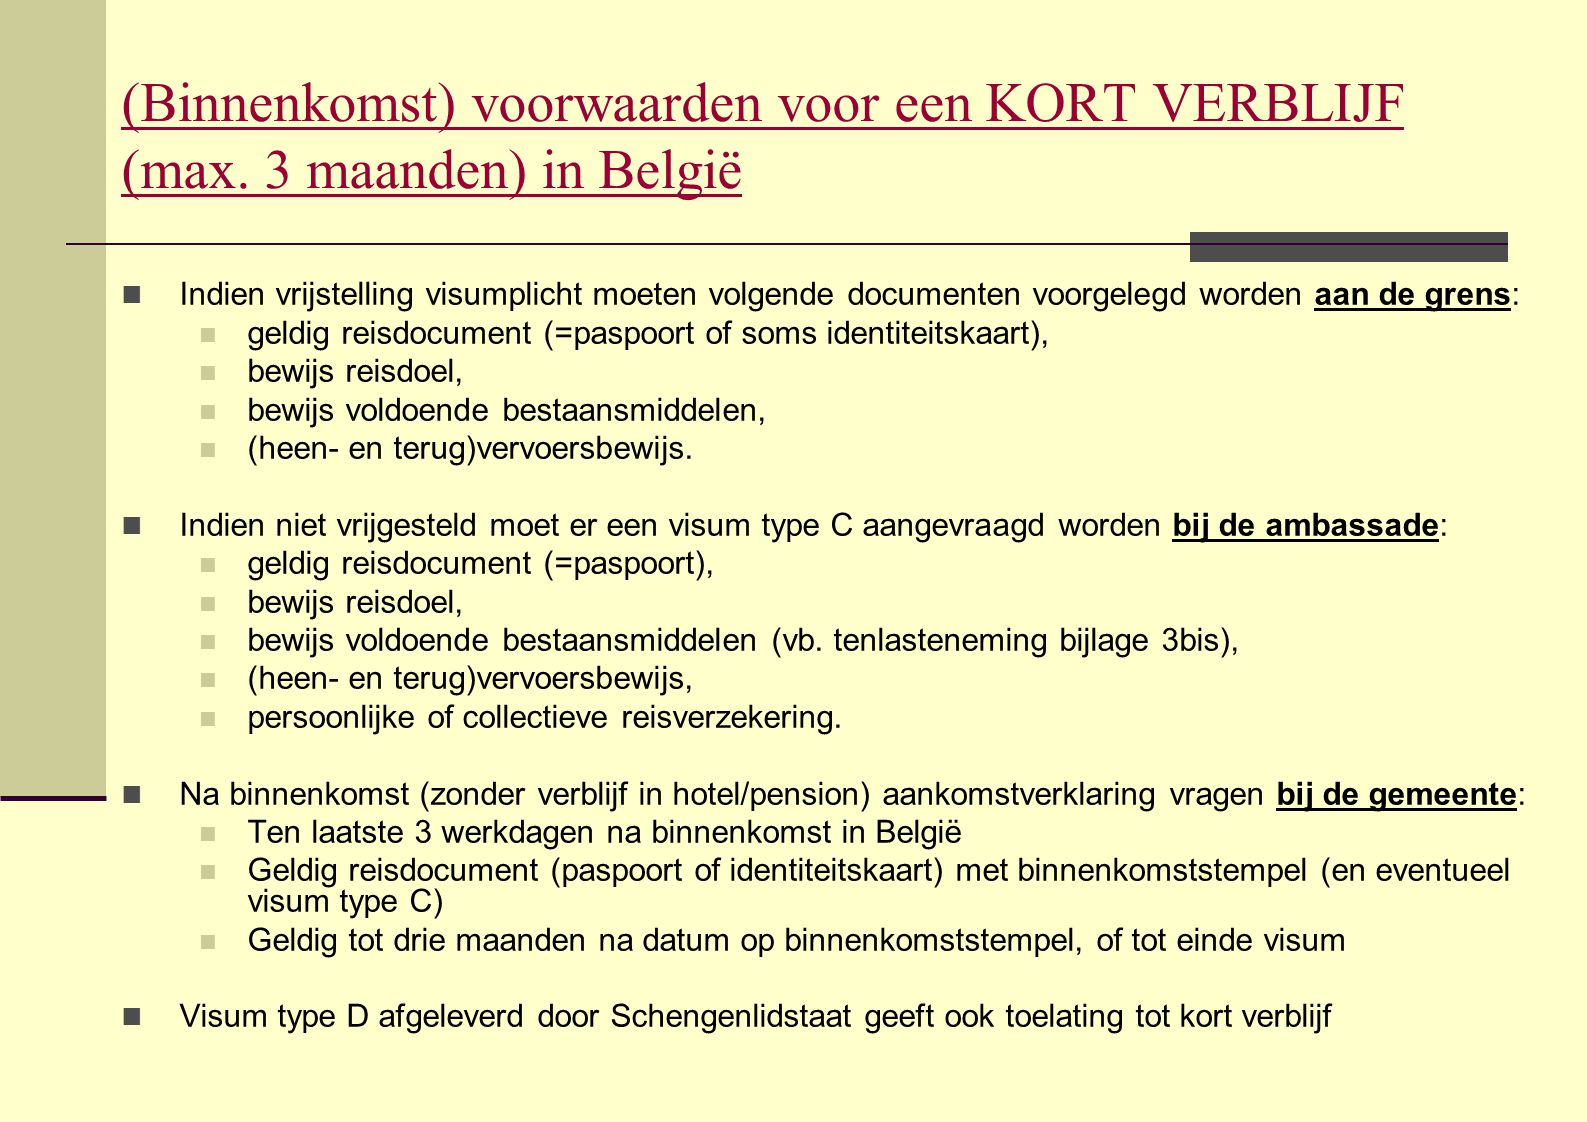 Langdurig ingezetene tweede verblijf in België - tijdelijk  Voorwaarden en documenten  in bezit van EG-verblijfsvergunning voor langdurig ingezetene, afgegeven door andere lidstaat van de EU  beantwoorden aan de voorwaarden om hier te werken of om hier te studeren als buitenlandse student; of beschikken over toereikende inkomsten voor zichzelf en familieleden  geen gevaar openbare orde en veiligheid en geen gevaar voor volksgezondheid  Procedure  aanvraag bij ambassade of bij gemeente in België (vanuit wettig verblijf, tenzij buitengewone omstandigheden)  DVZ neemt binnen de 4 ma (+ ev.